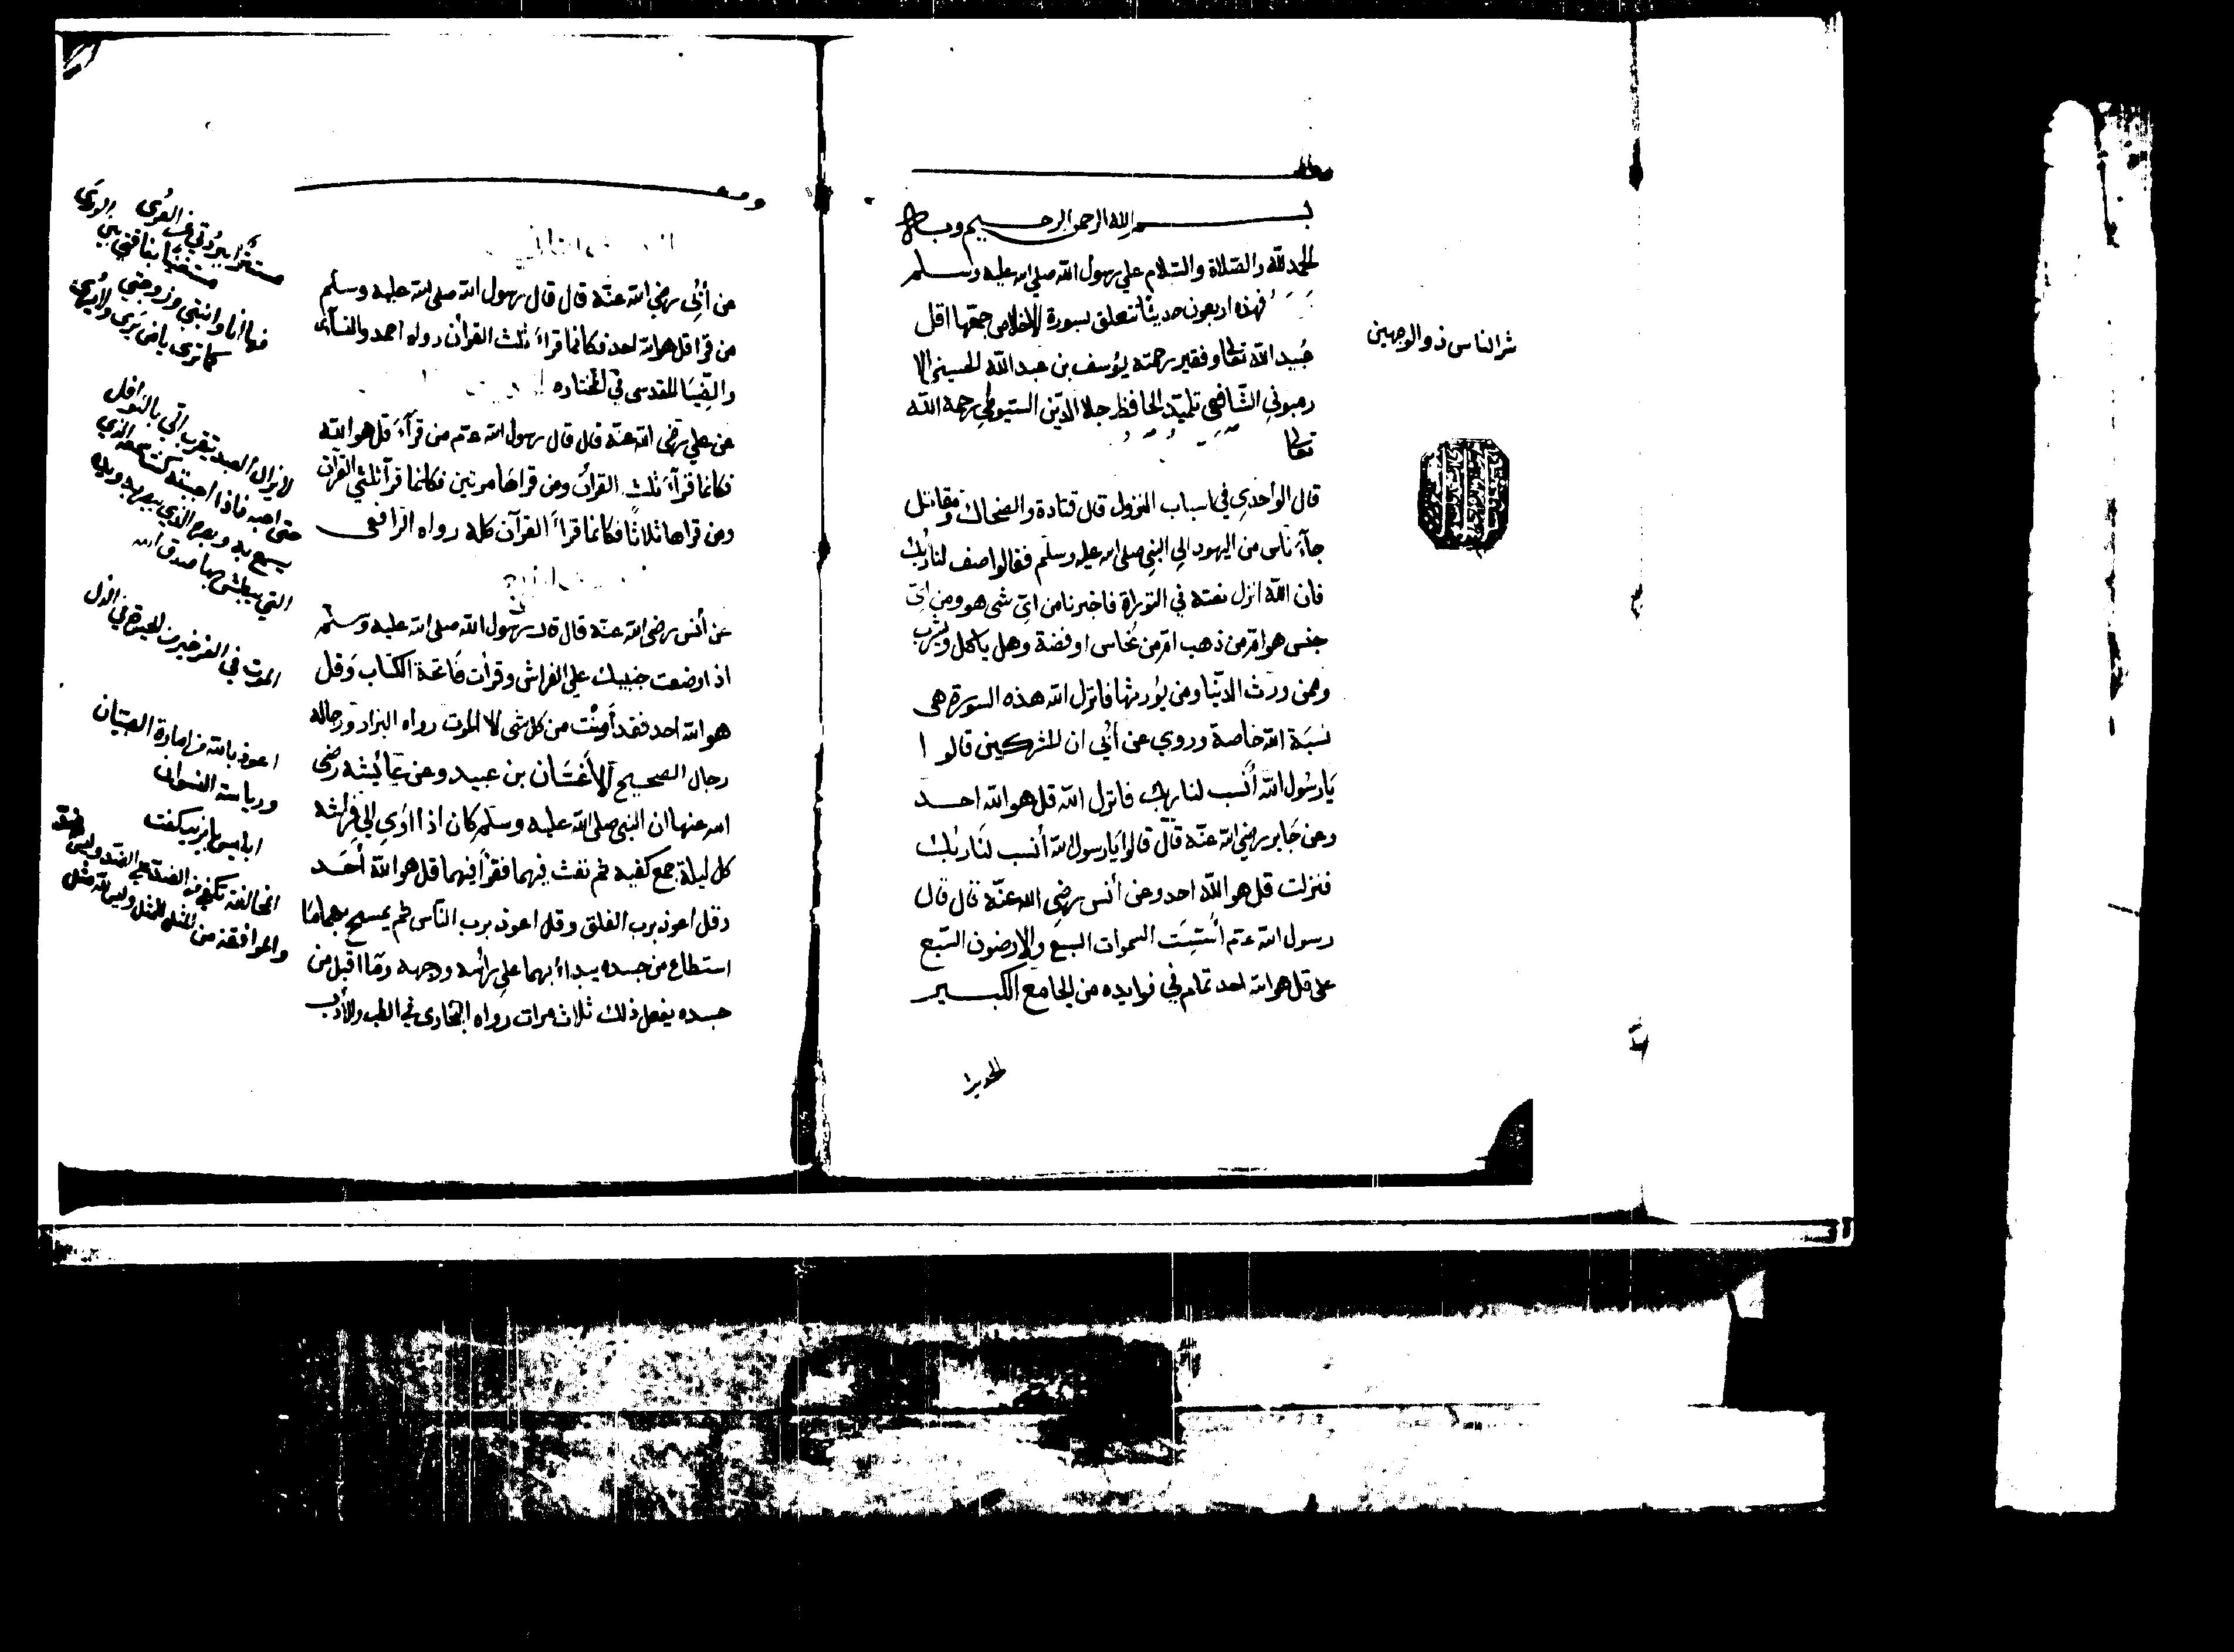 أربعون حديثًا في فضل سورة الإخلاص - جمال الدين يوسف بن عبد الله الحسيني الأرميوني الشافعي (ت 958)